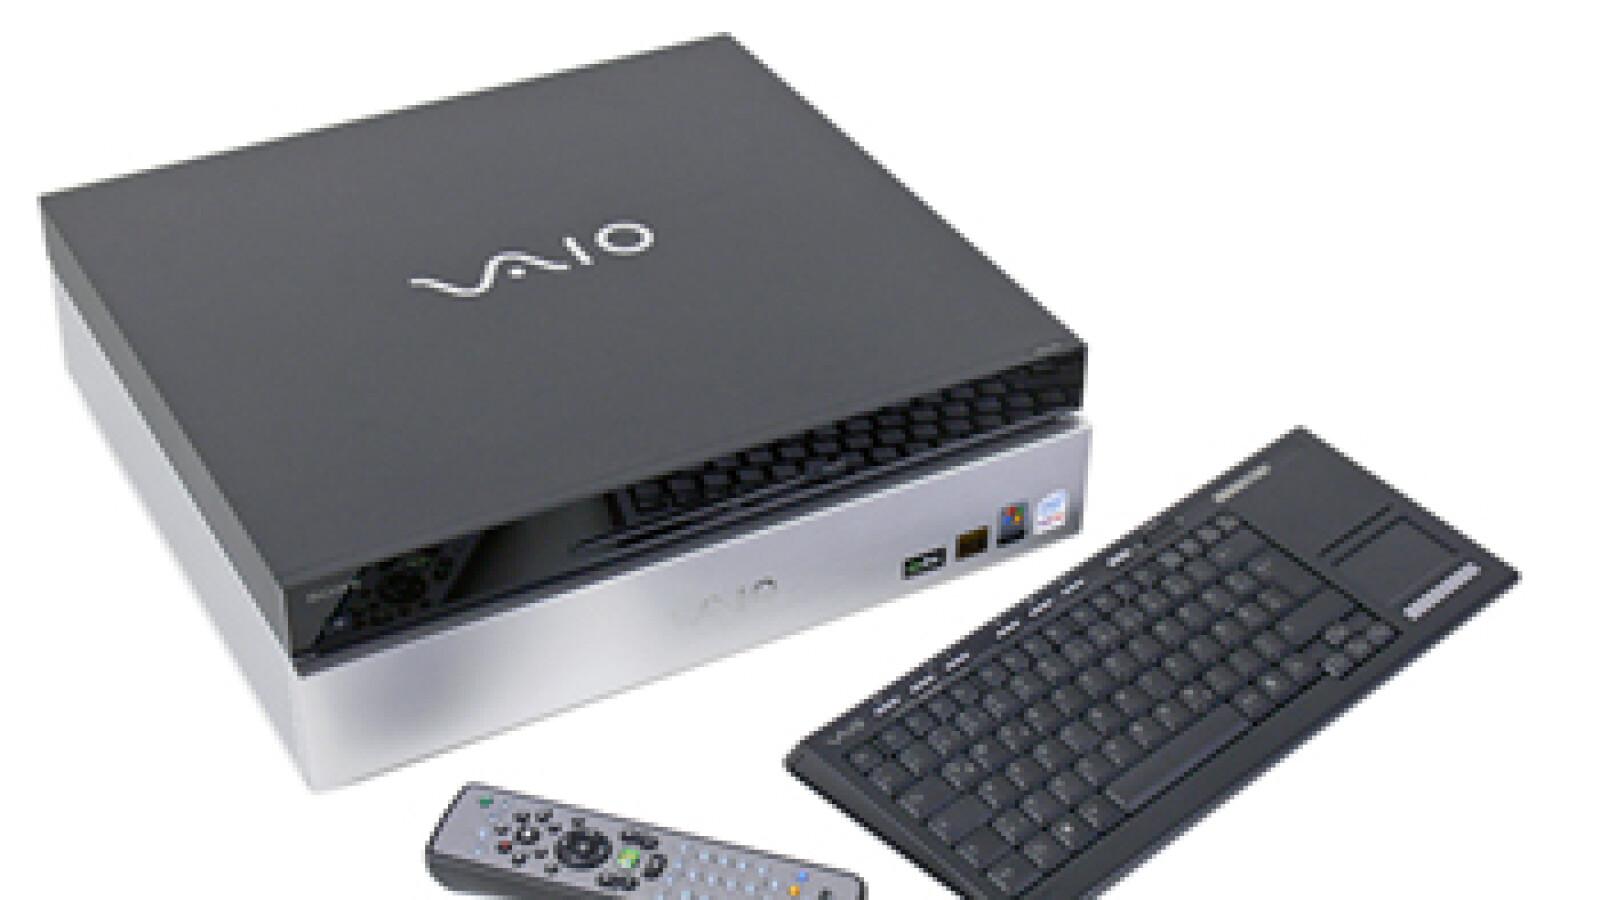 Sony Vaio Xl201 Im Test Wohnzimmer Pc Mit Hdmi Netzwelt